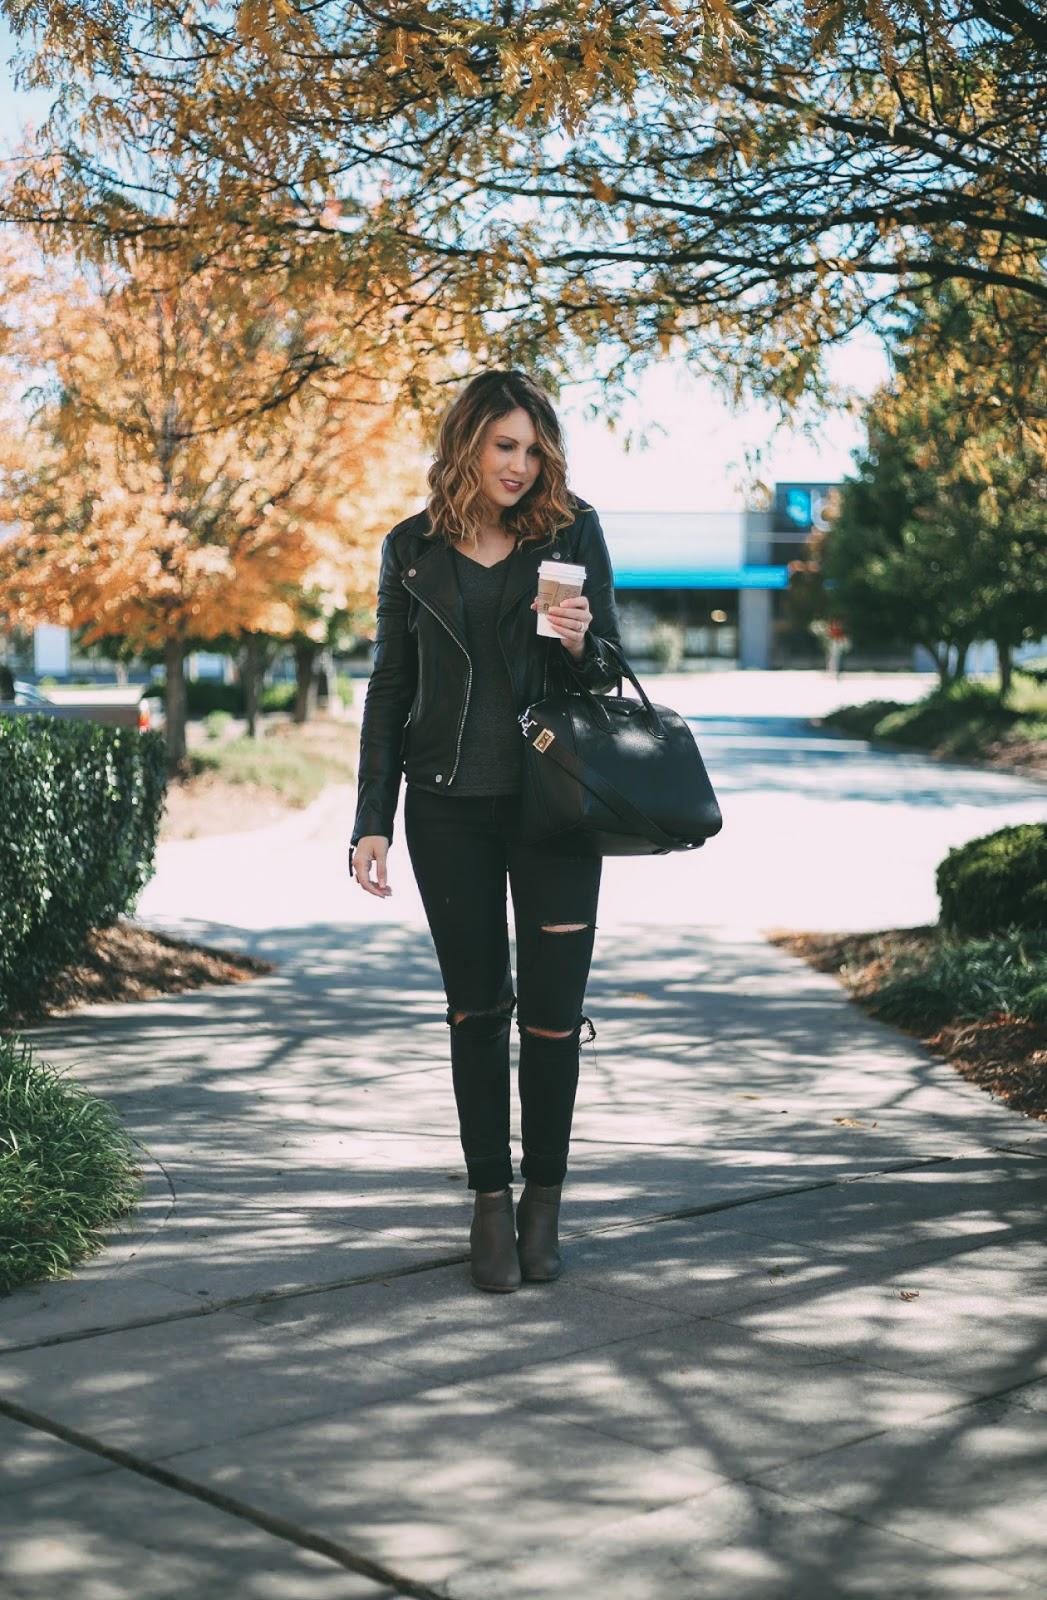 fall fashion, fall style, fall looks, givenchy antigona